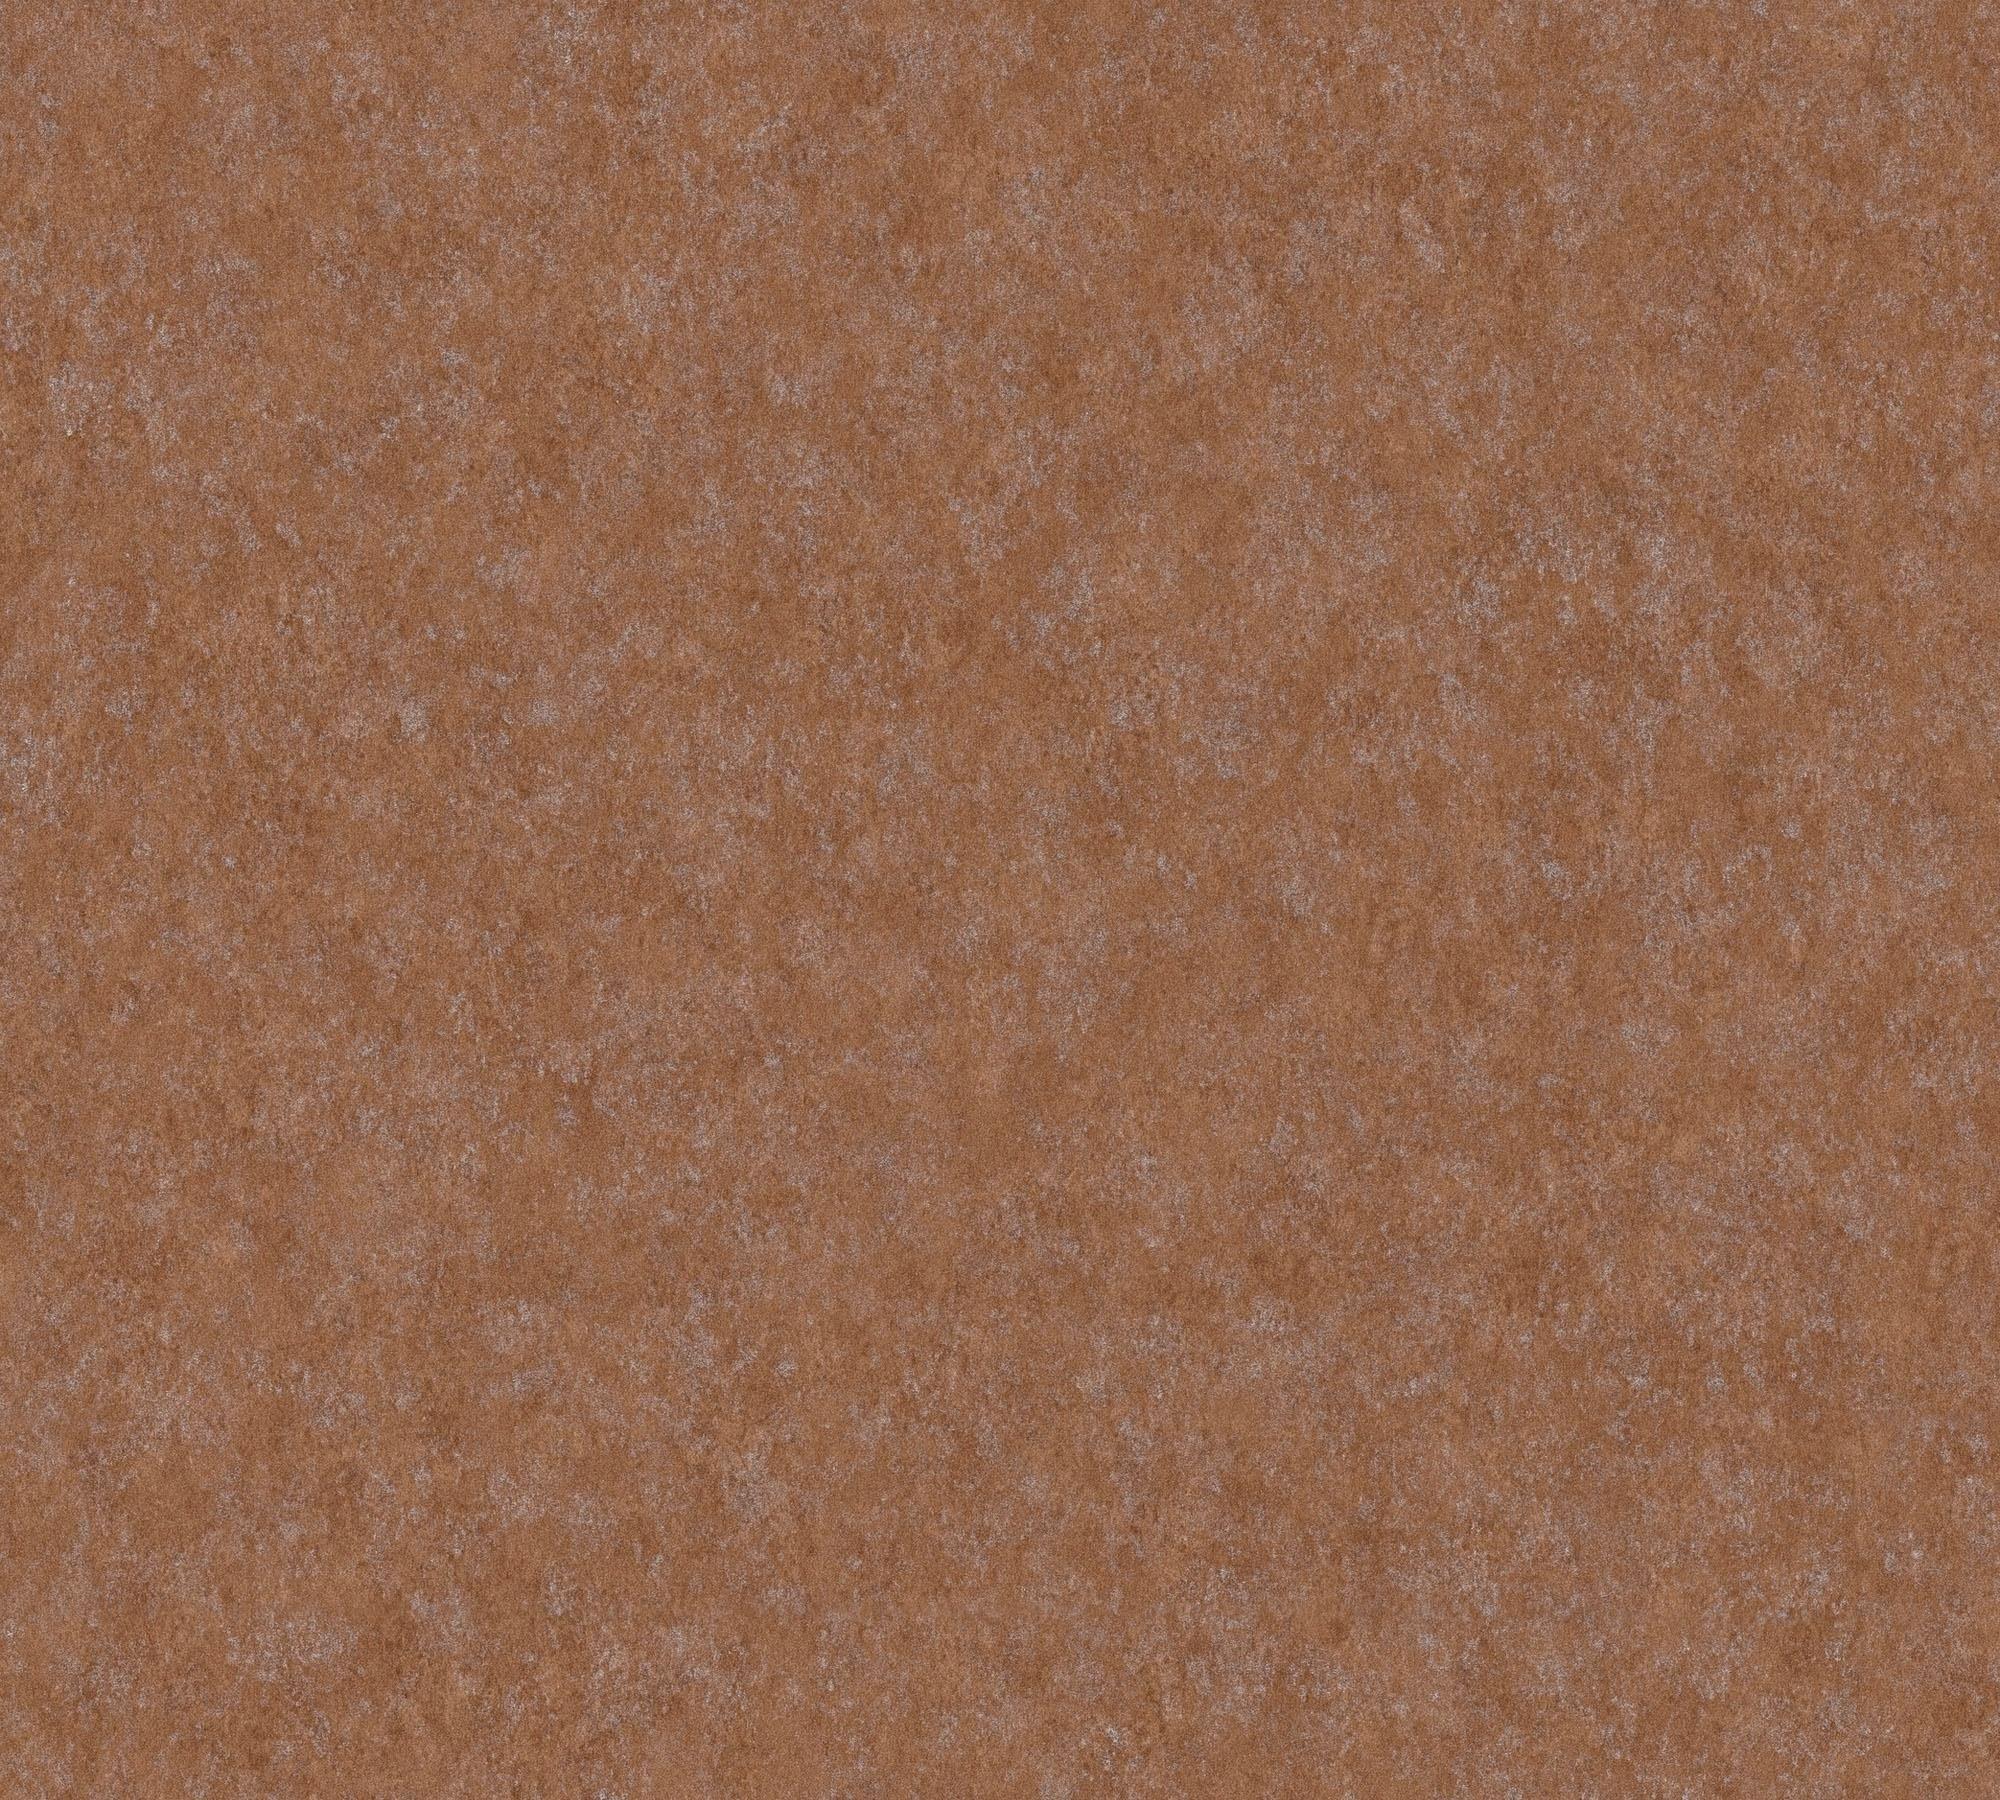 Vliestapete »Materials«, glänzend, Qualitätshinweis: FSC®RAL-Gütezeichen Schwer entflammbar nach DIN 4102